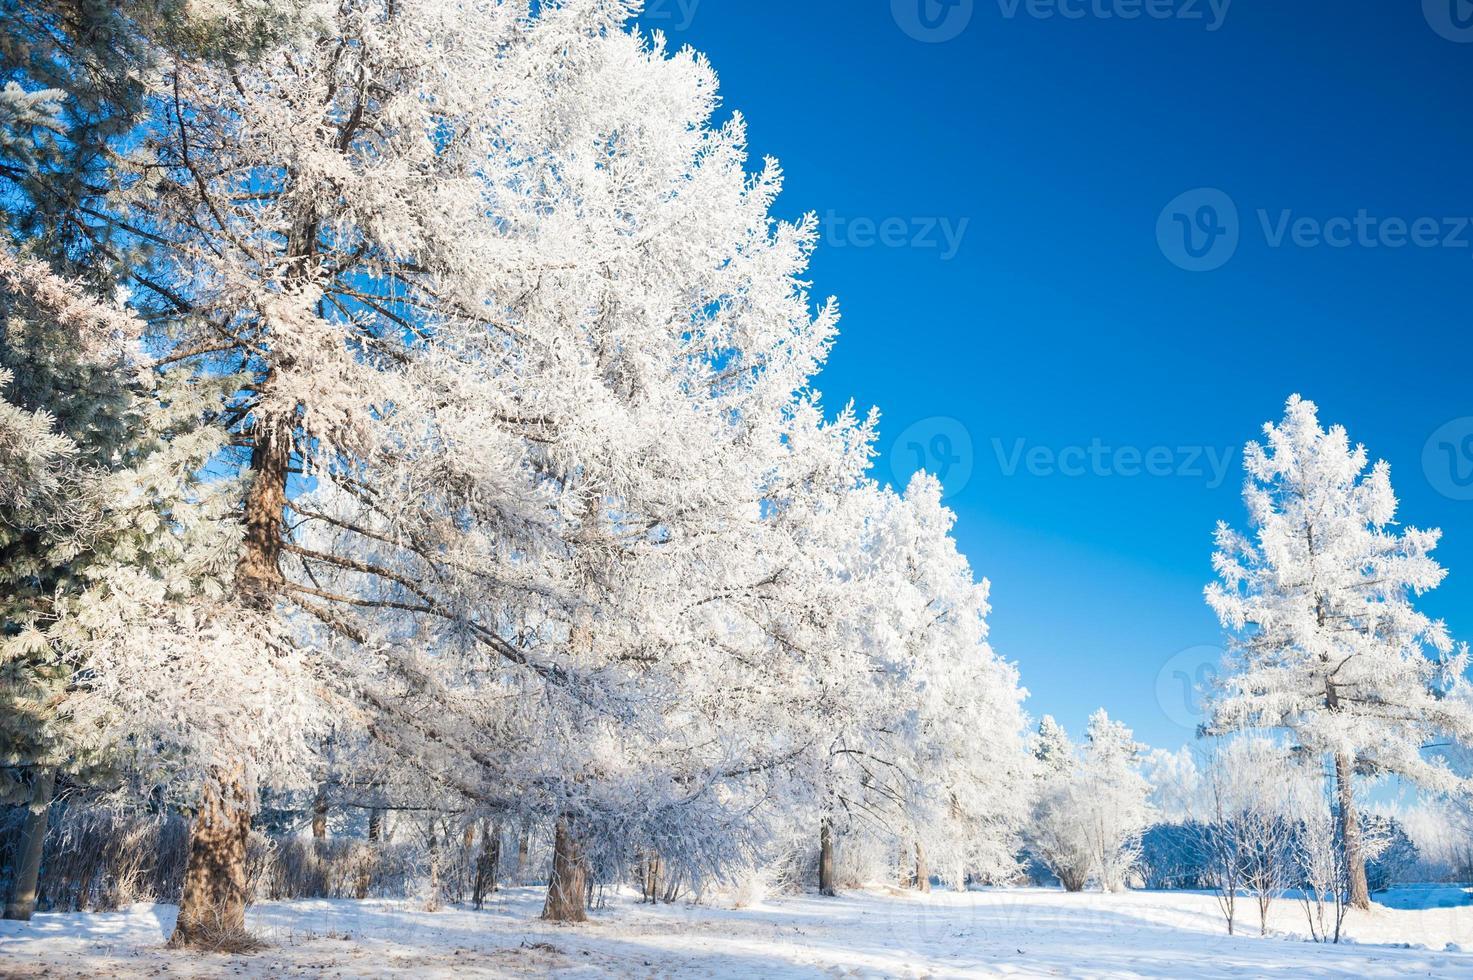 grandes pinos con escarcha contra el cielo azul. foto